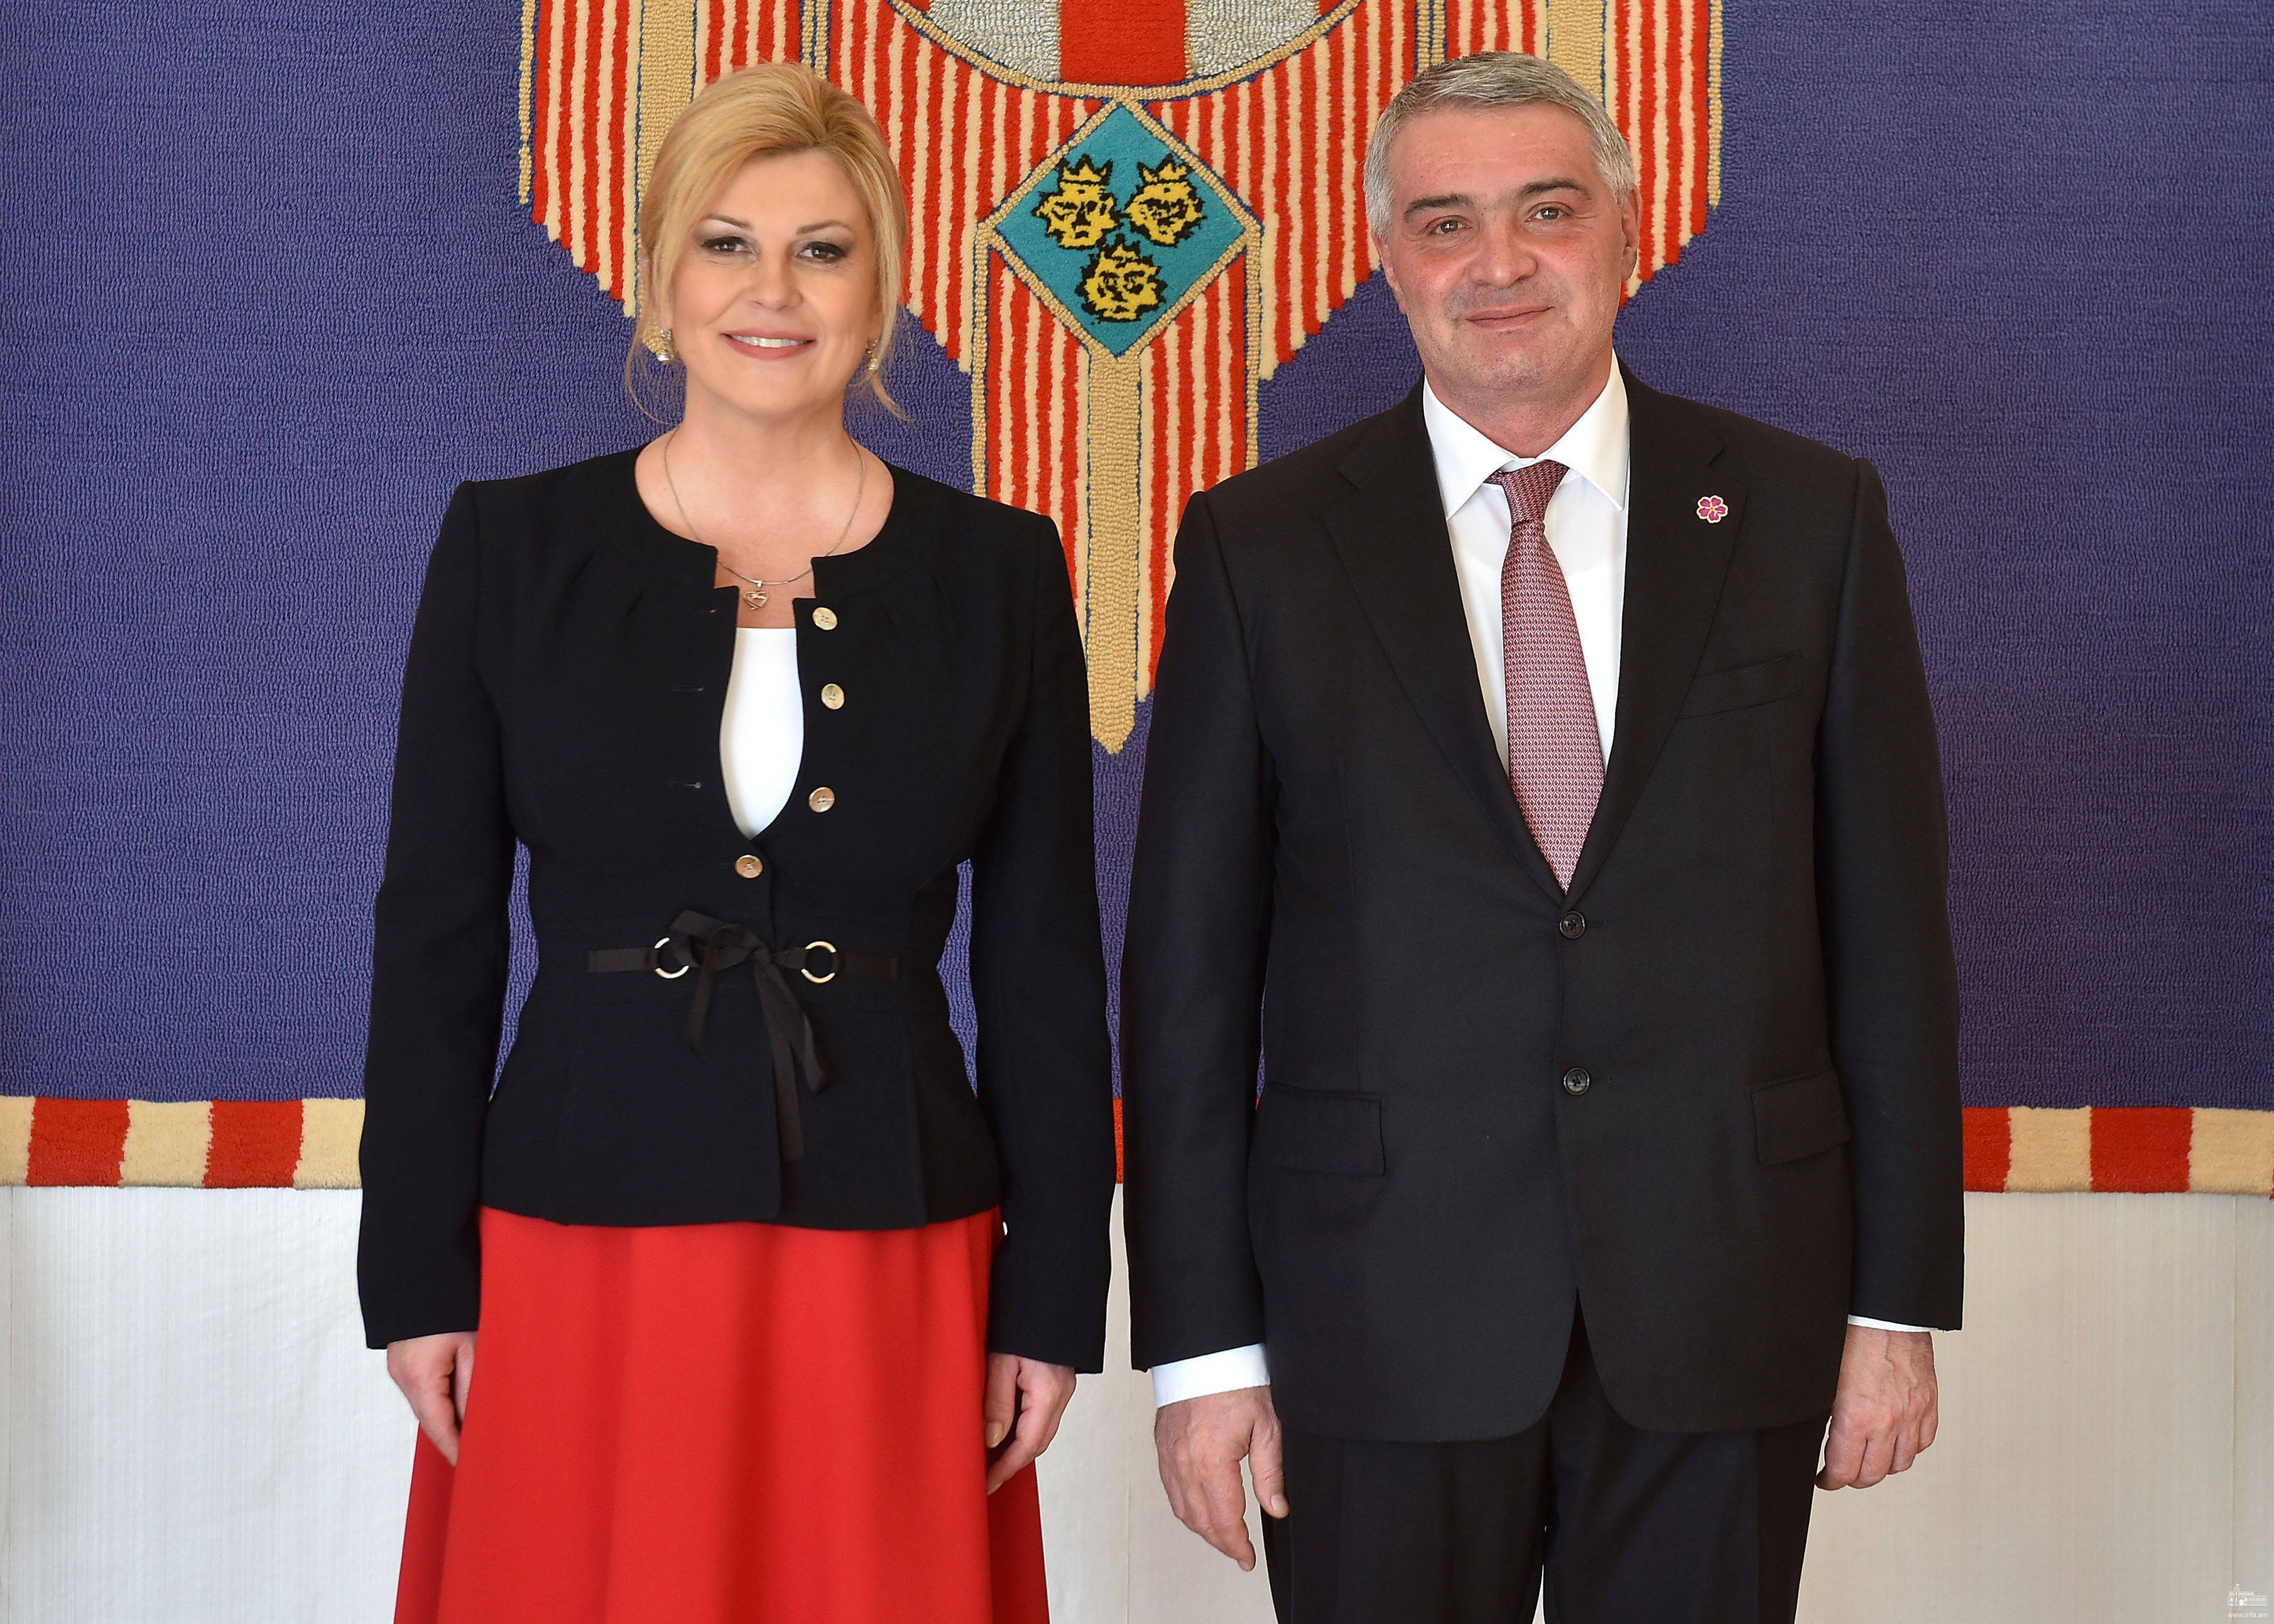 Դեսպան Հովակիմյանն իր հավատարմագրերը հանձնեց Խորվաթիայի Հանրապետության նախագահին